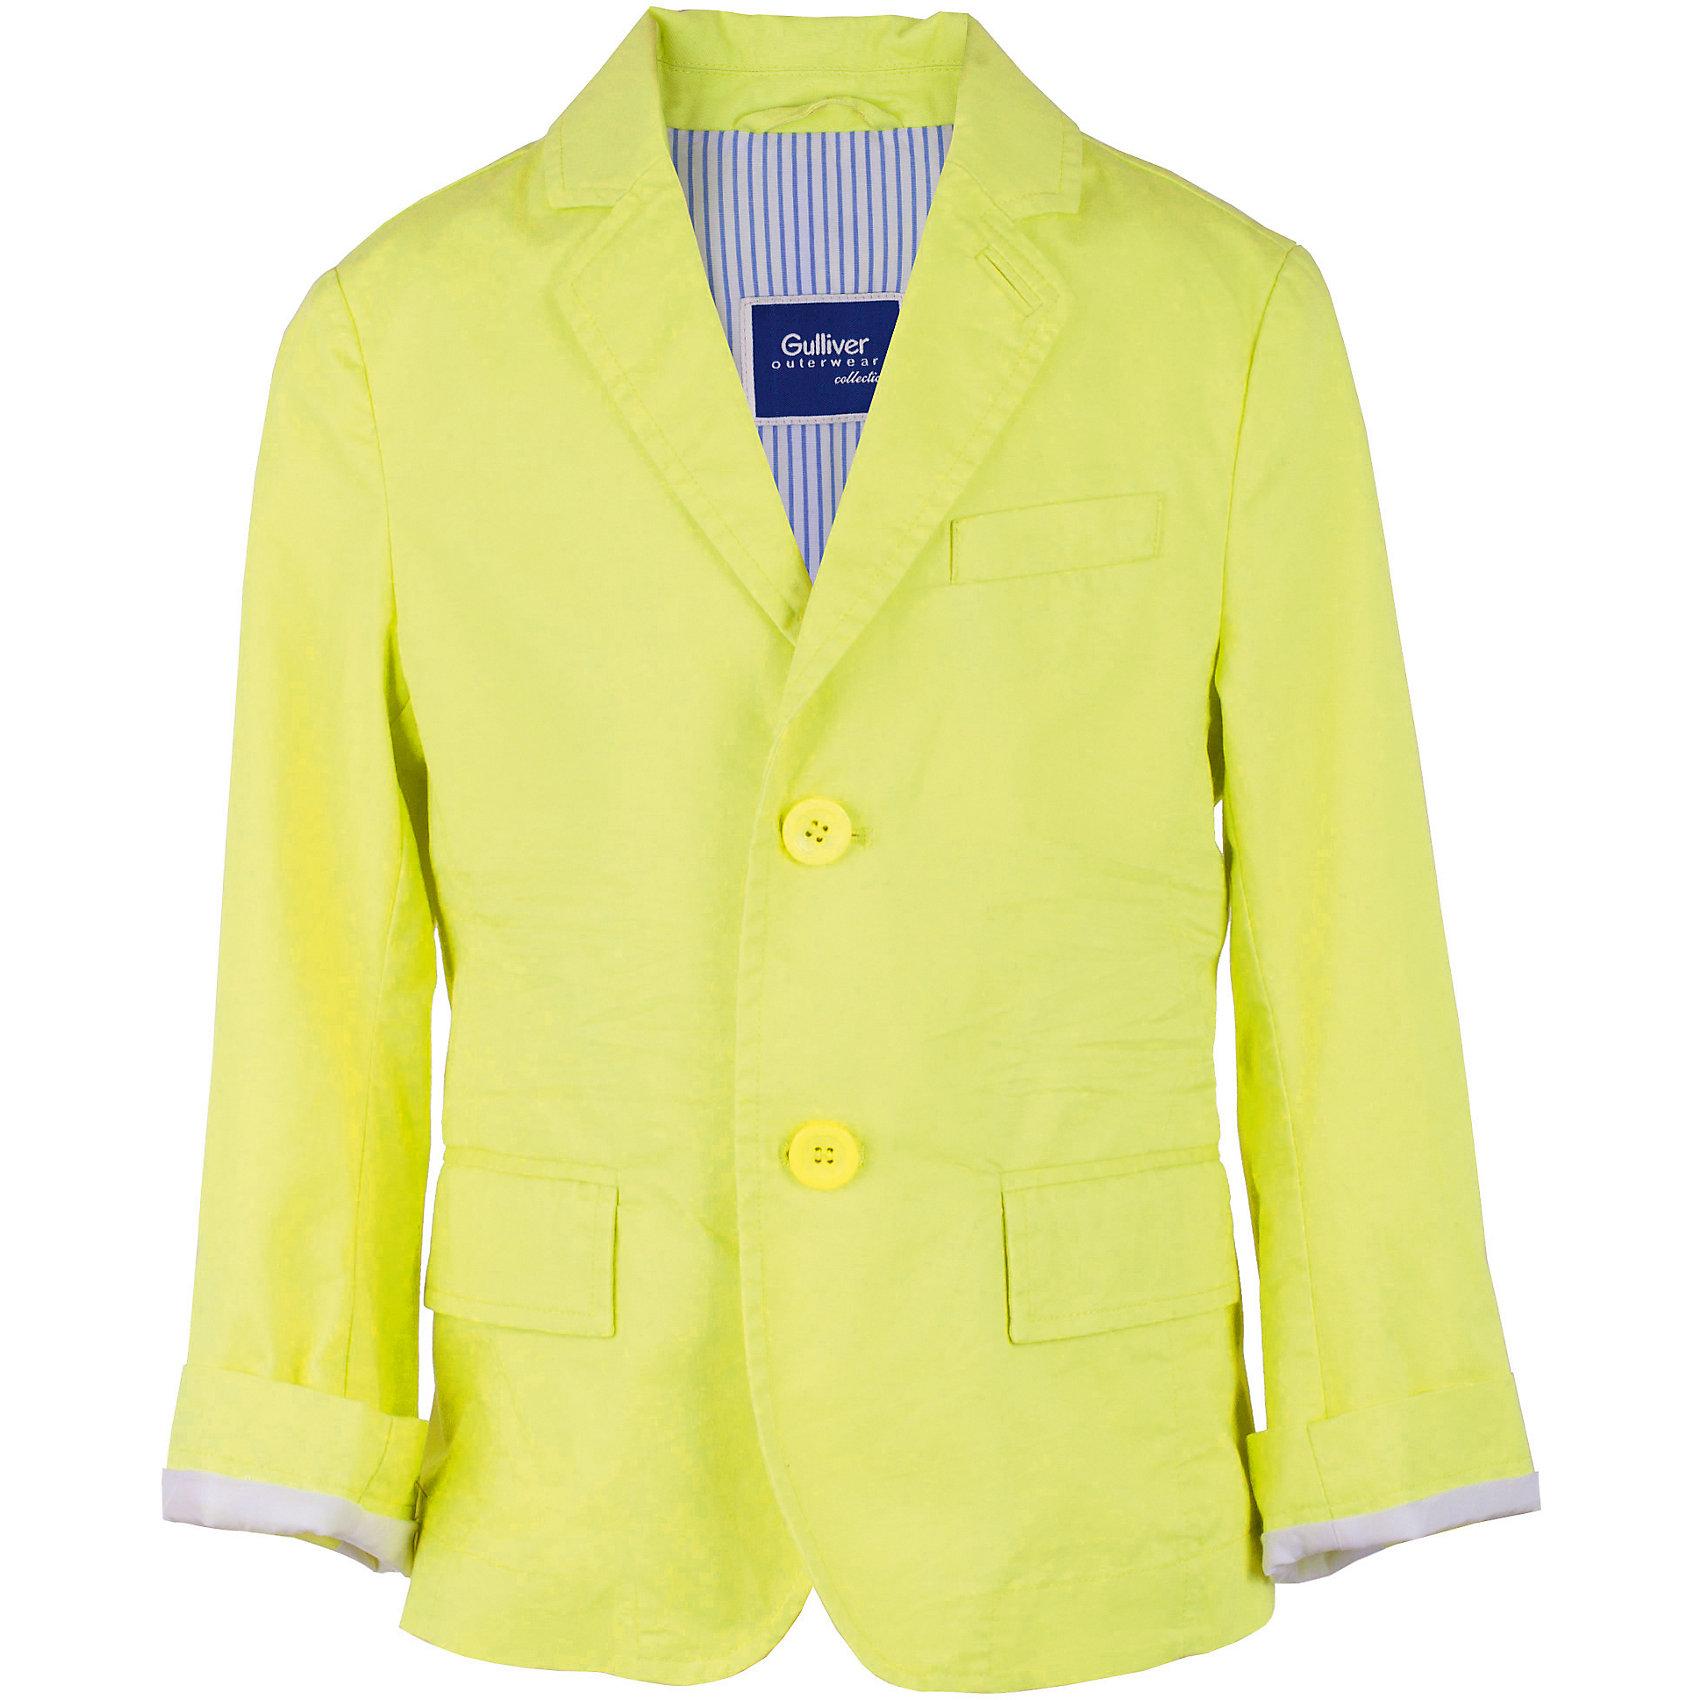 Пиджак для мальчика GulliverОдежда<br>Шикарный салатовый пиджак превратит любого озорника и непоседу в истинного джентльмена. Яркий пиджак из 100% хлопка - непременный атрибут модного и элегантного детского гардероба! Идеальная форма, правильная посадка изделия на фигуре, выразительные замины, а также красивая внутренняя обработка делают пиджак необычным и интересным. При этом, ребенок в нем будет чувствовать себя абсолютно свободно и непринужденно! Стильный пиджак для мальчика подчеркнет индивидуальность и сделает любой комплект в стиле casual  ярким и запоминающимся!<br>Состав:<br>100% хлопок<br><br>Ширина мм: 247<br>Глубина мм: 16<br>Высота мм: 140<br>Вес г: 225<br>Цвет: зеленый<br>Возраст от месяцев: 108<br>Возраст до месяцев: 120<br>Пол: Мужской<br>Возраст: Детский<br>Размер: 140,122,128,134<br>SKU: 5482957